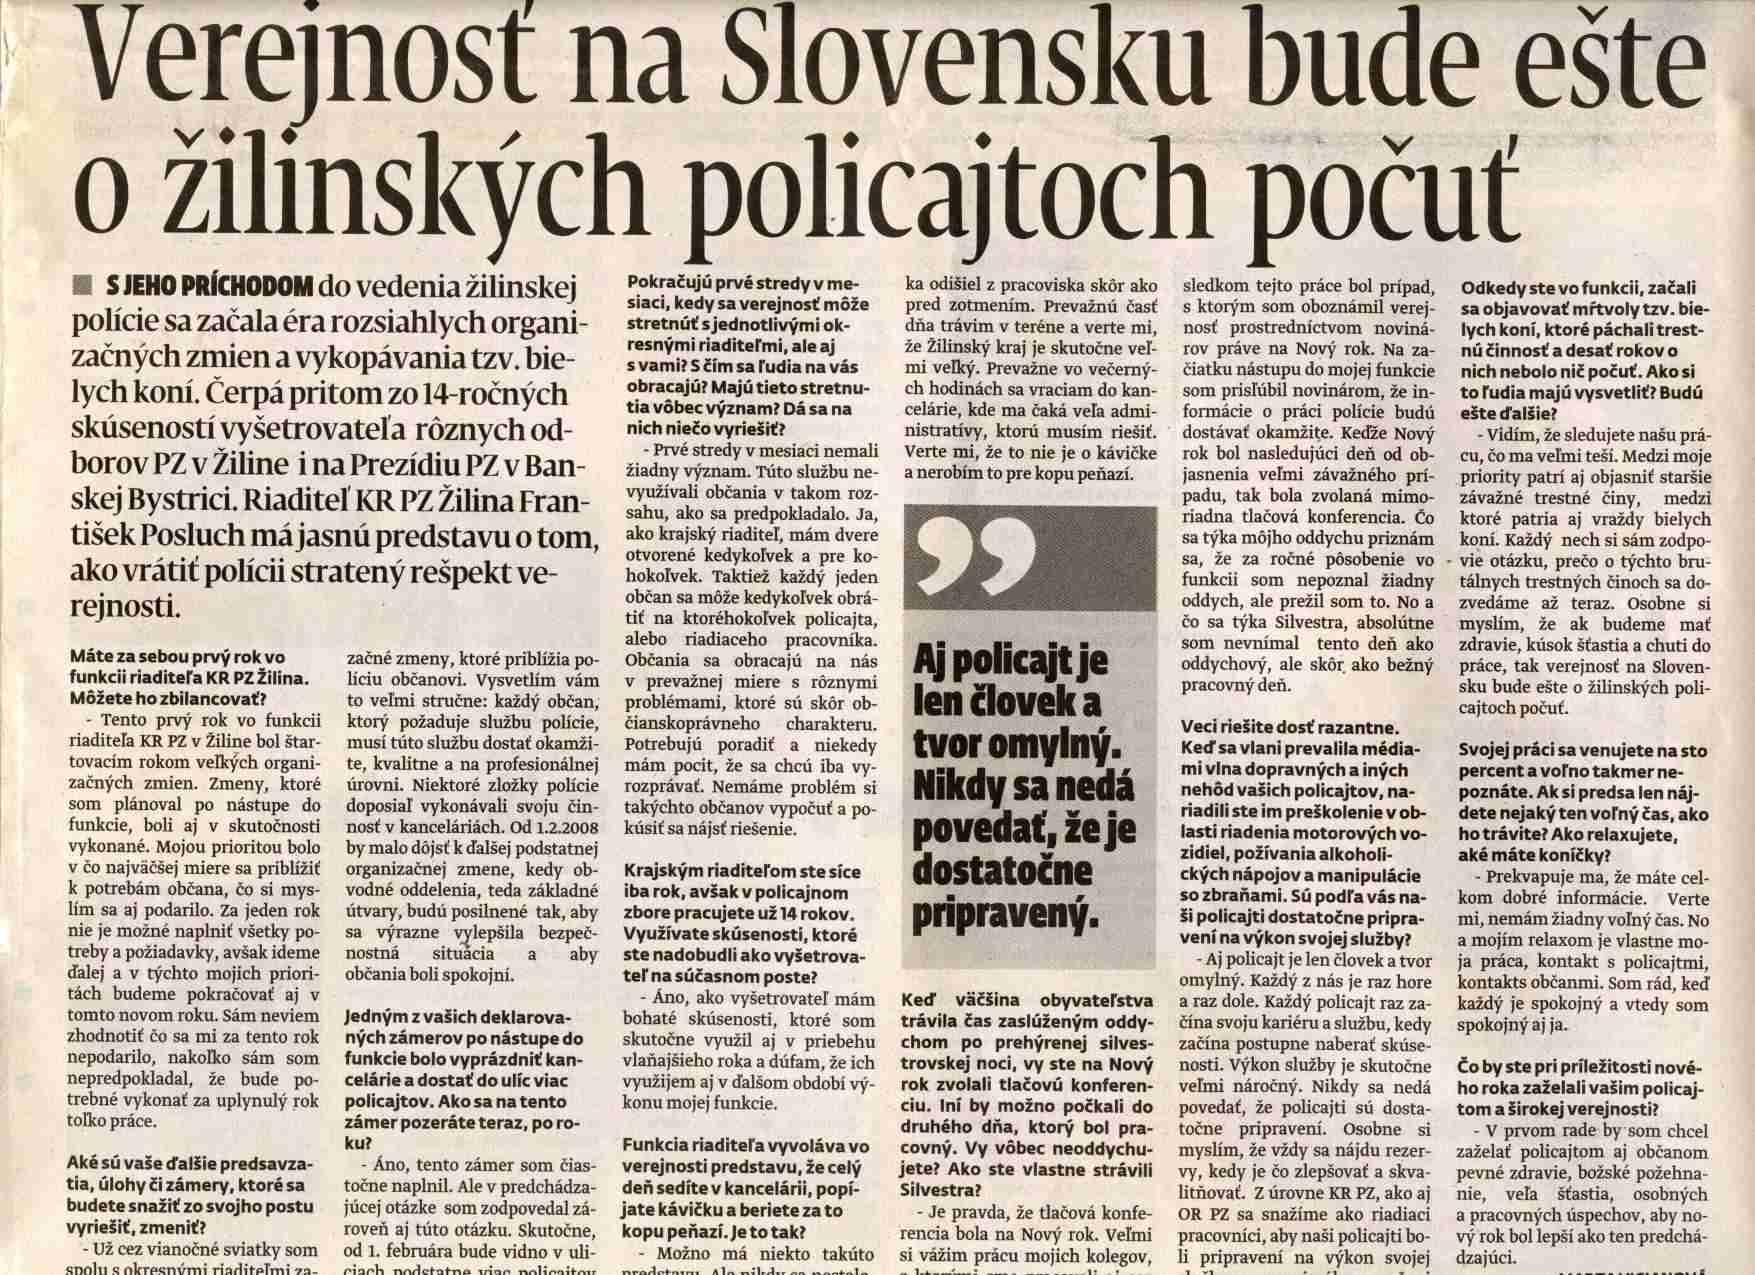 Verejnosť o žilinskych policajtoch